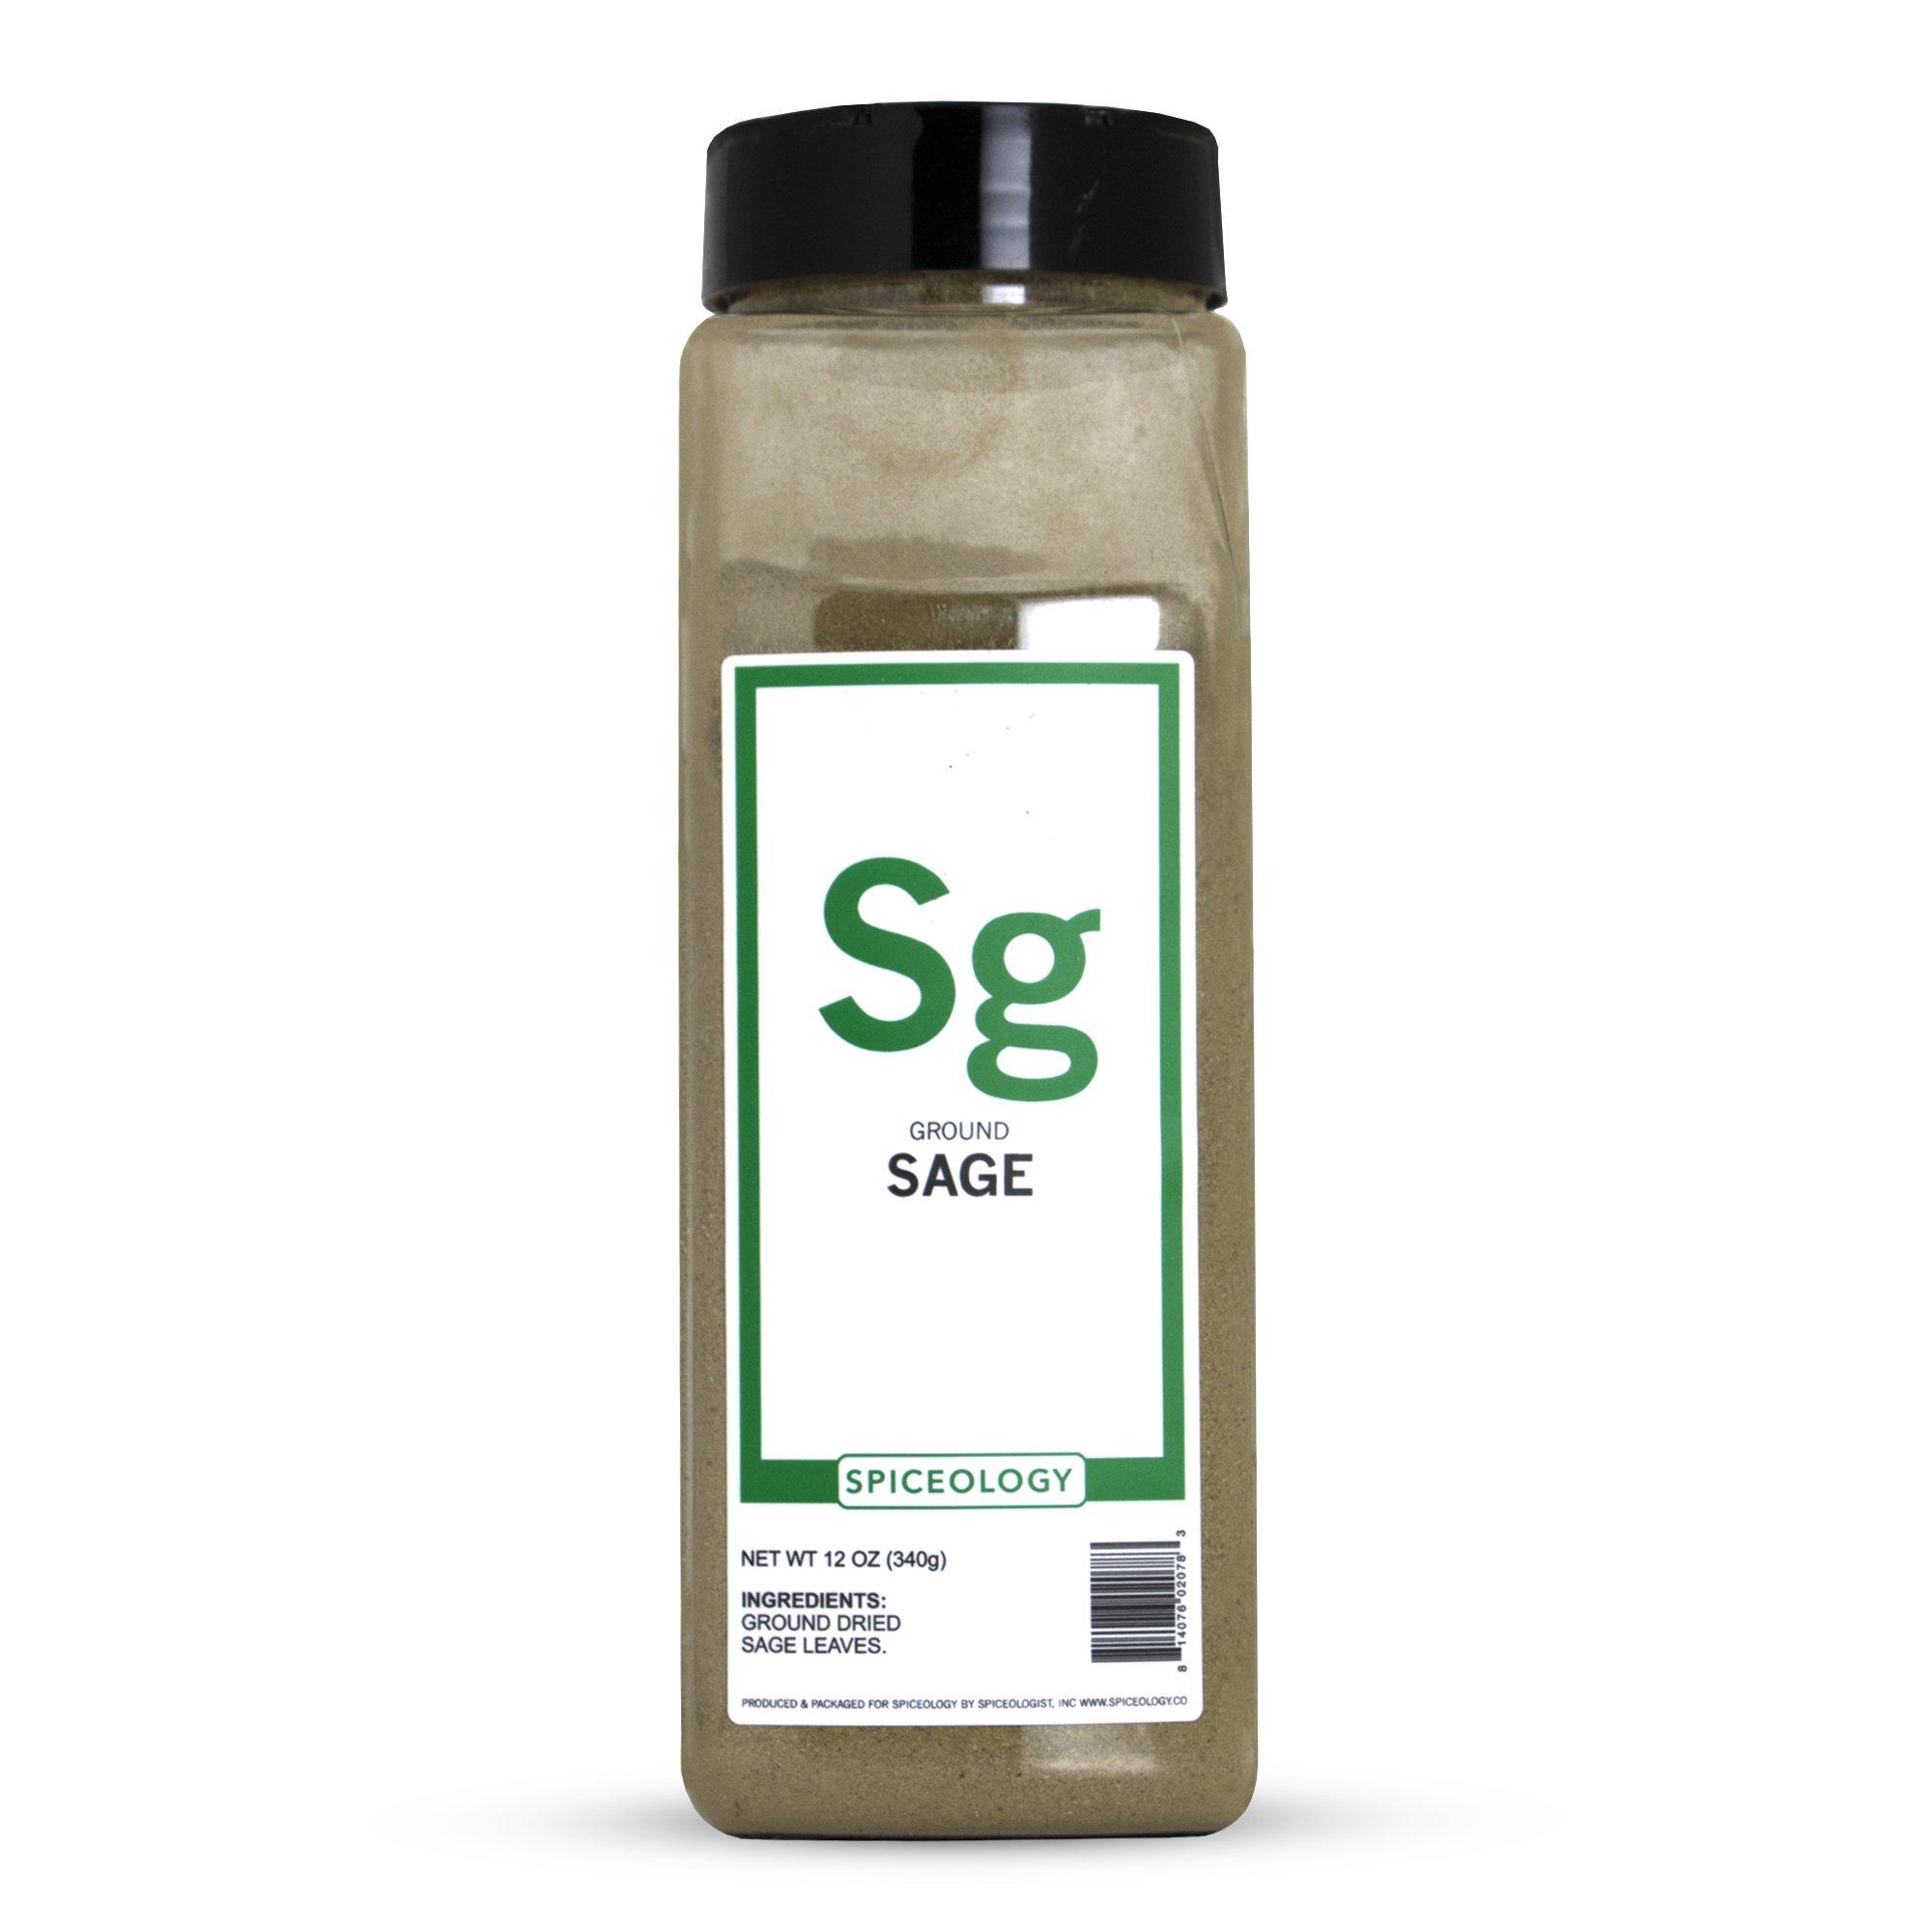 Spiceology Premium Spices - Ground Sage, 12 oz